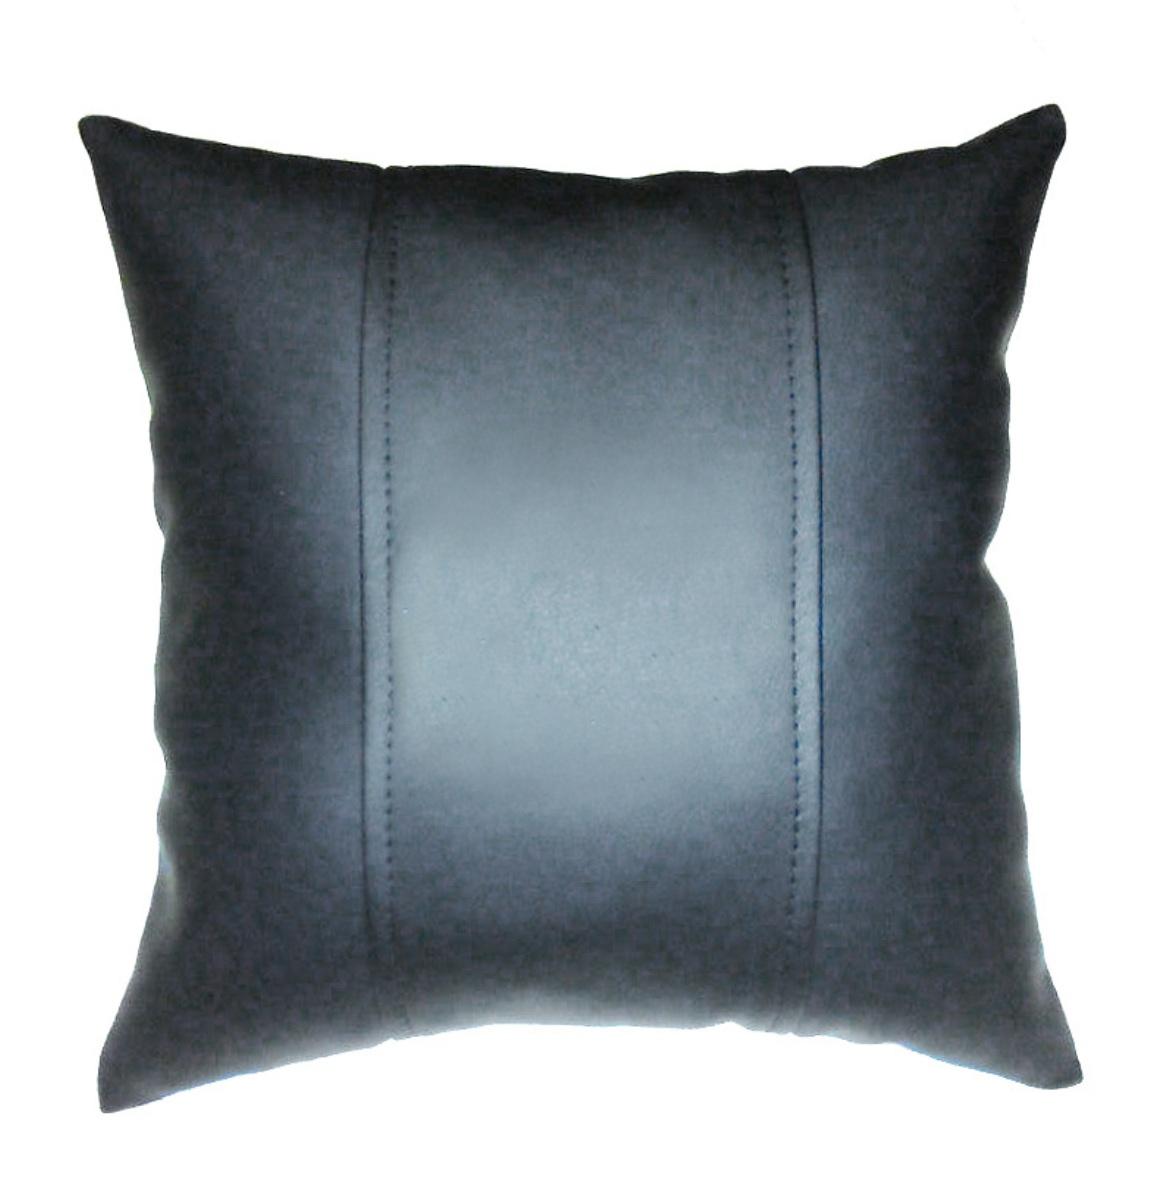 Подушка декоративная из экокожи без логотипа (черн. 33Х33см)